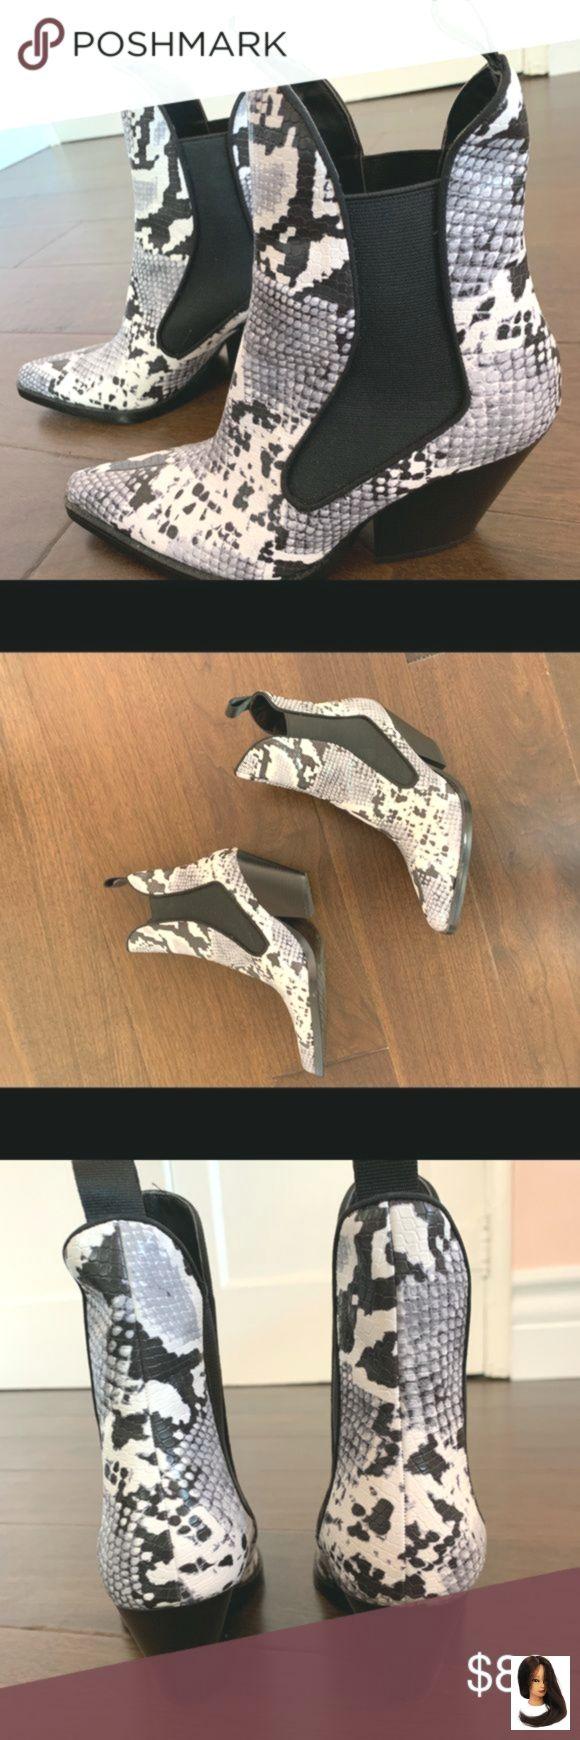 Zara Snakeskin Chelsea-Westernstiefel 38 Zara Snakeskin-Stiefel diese sind scharf. ich